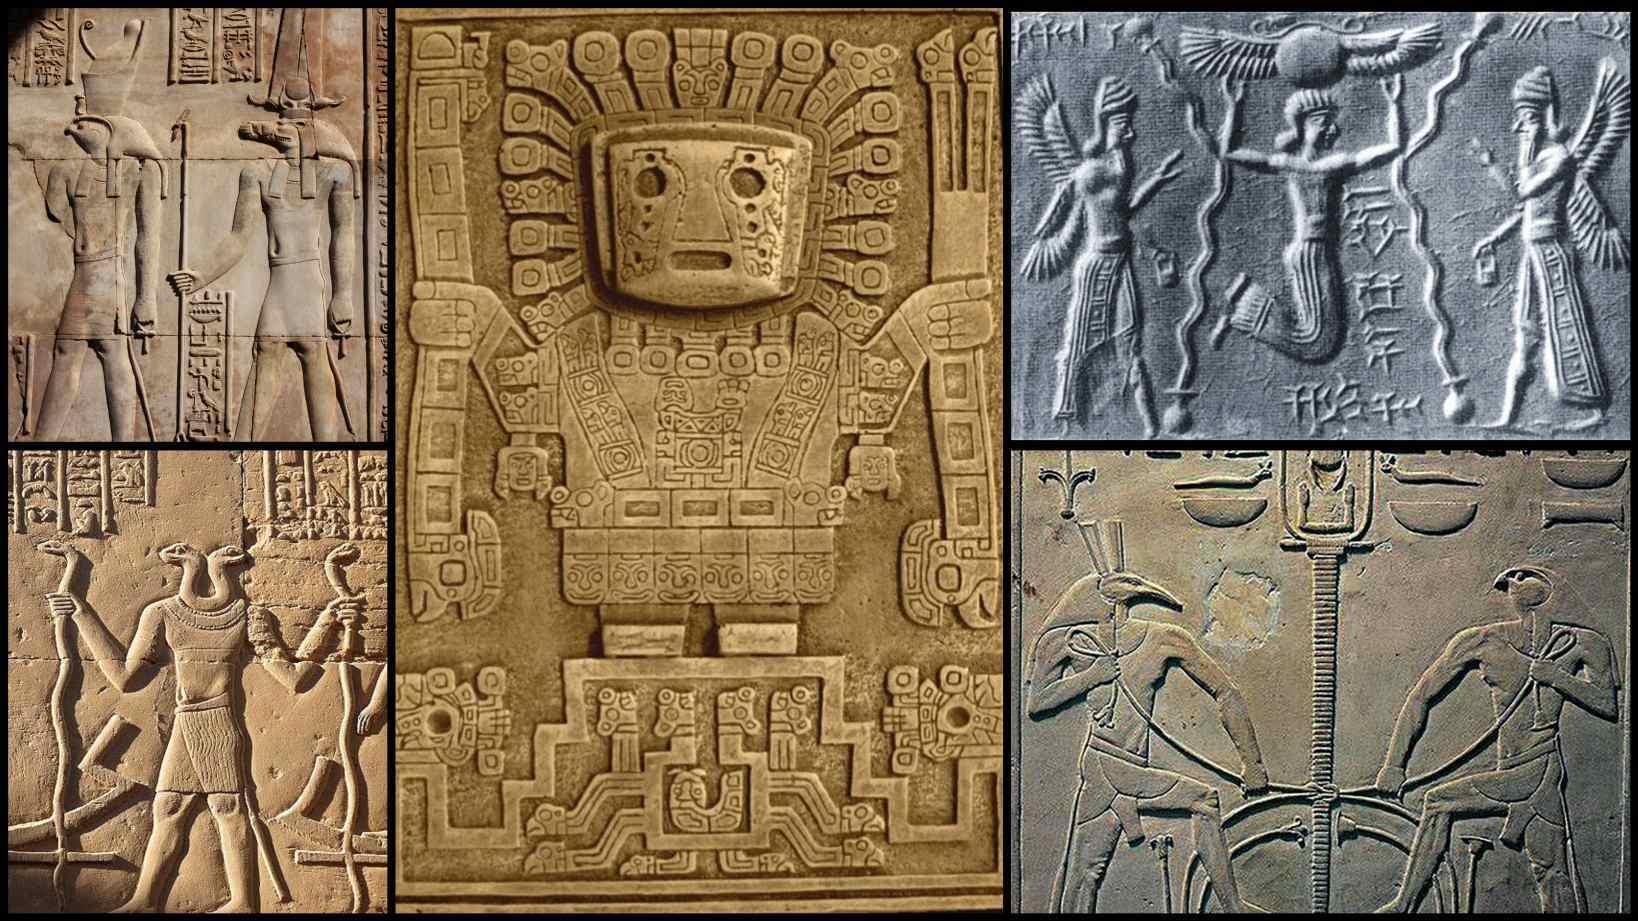 """Schriften aus dem Jahr 947 n. Chr. Von Abu al-Hasan Ali al-Mas'udi beschreiben arabische Legenden, die besagen, dass die Ägypter die Pyramiden mit Levitation gebaut haben. Ein """"magischer Papyrus"""" wurde unter die schweren Steine gelegt, dann wurden die Spuren mit einem rad Metall getroffen. Dann schwebten Steine auf einem Weg, der von denselben mysteriösen Metallstangen gesäumt war."""